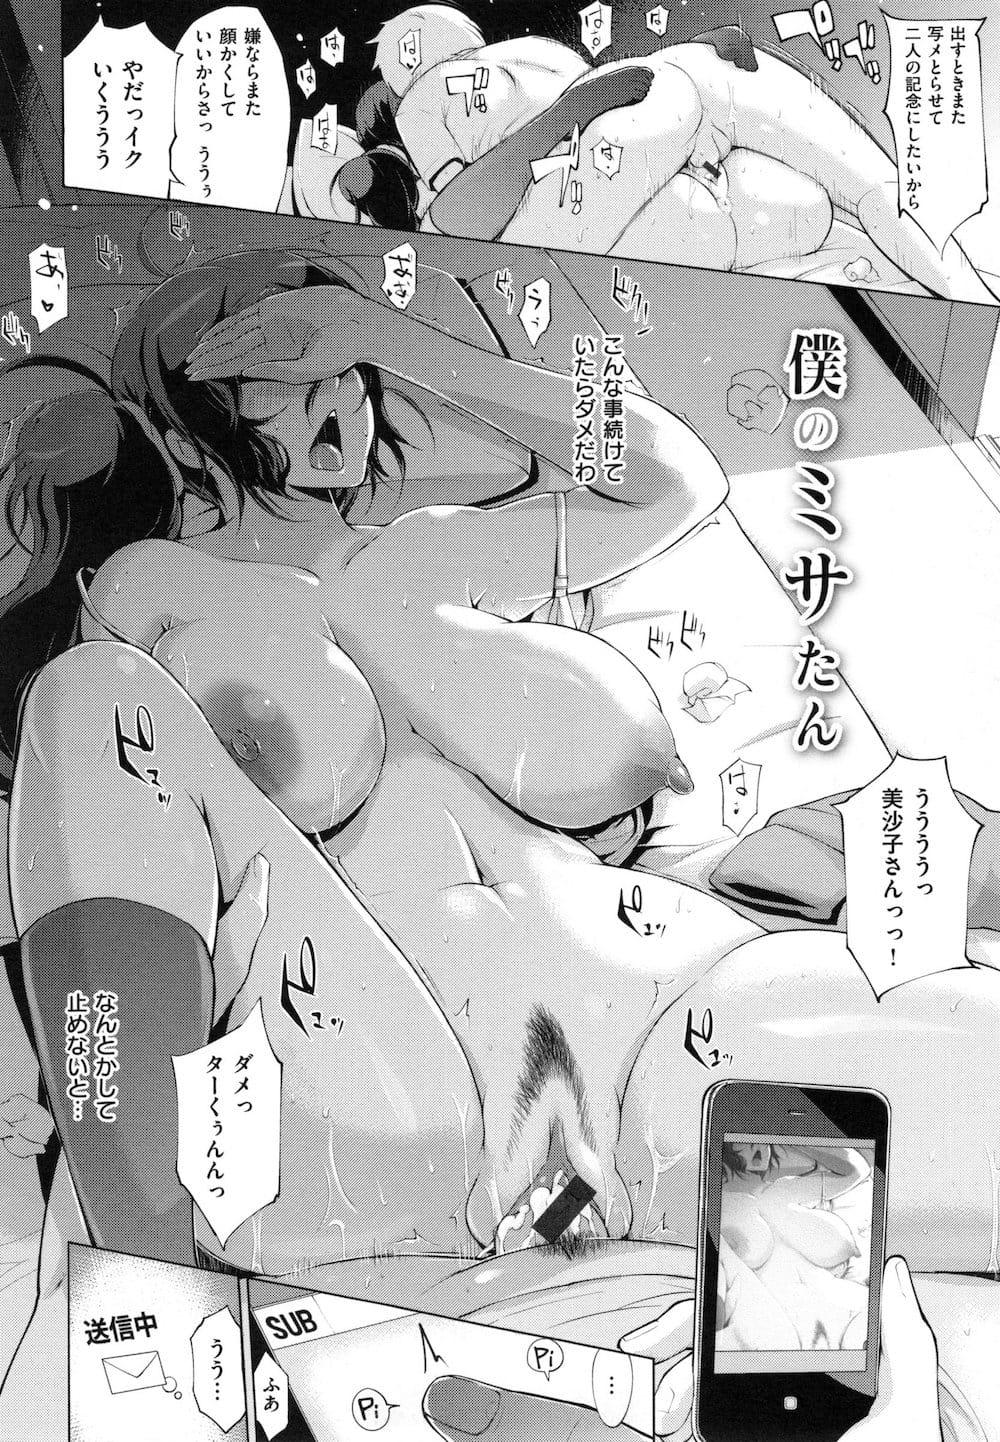 【アダルトコミック】お隣の若者に毎日ネトラレセックスしてる人妻熟女がサイト公開されてるのを知り生ハメライブ!